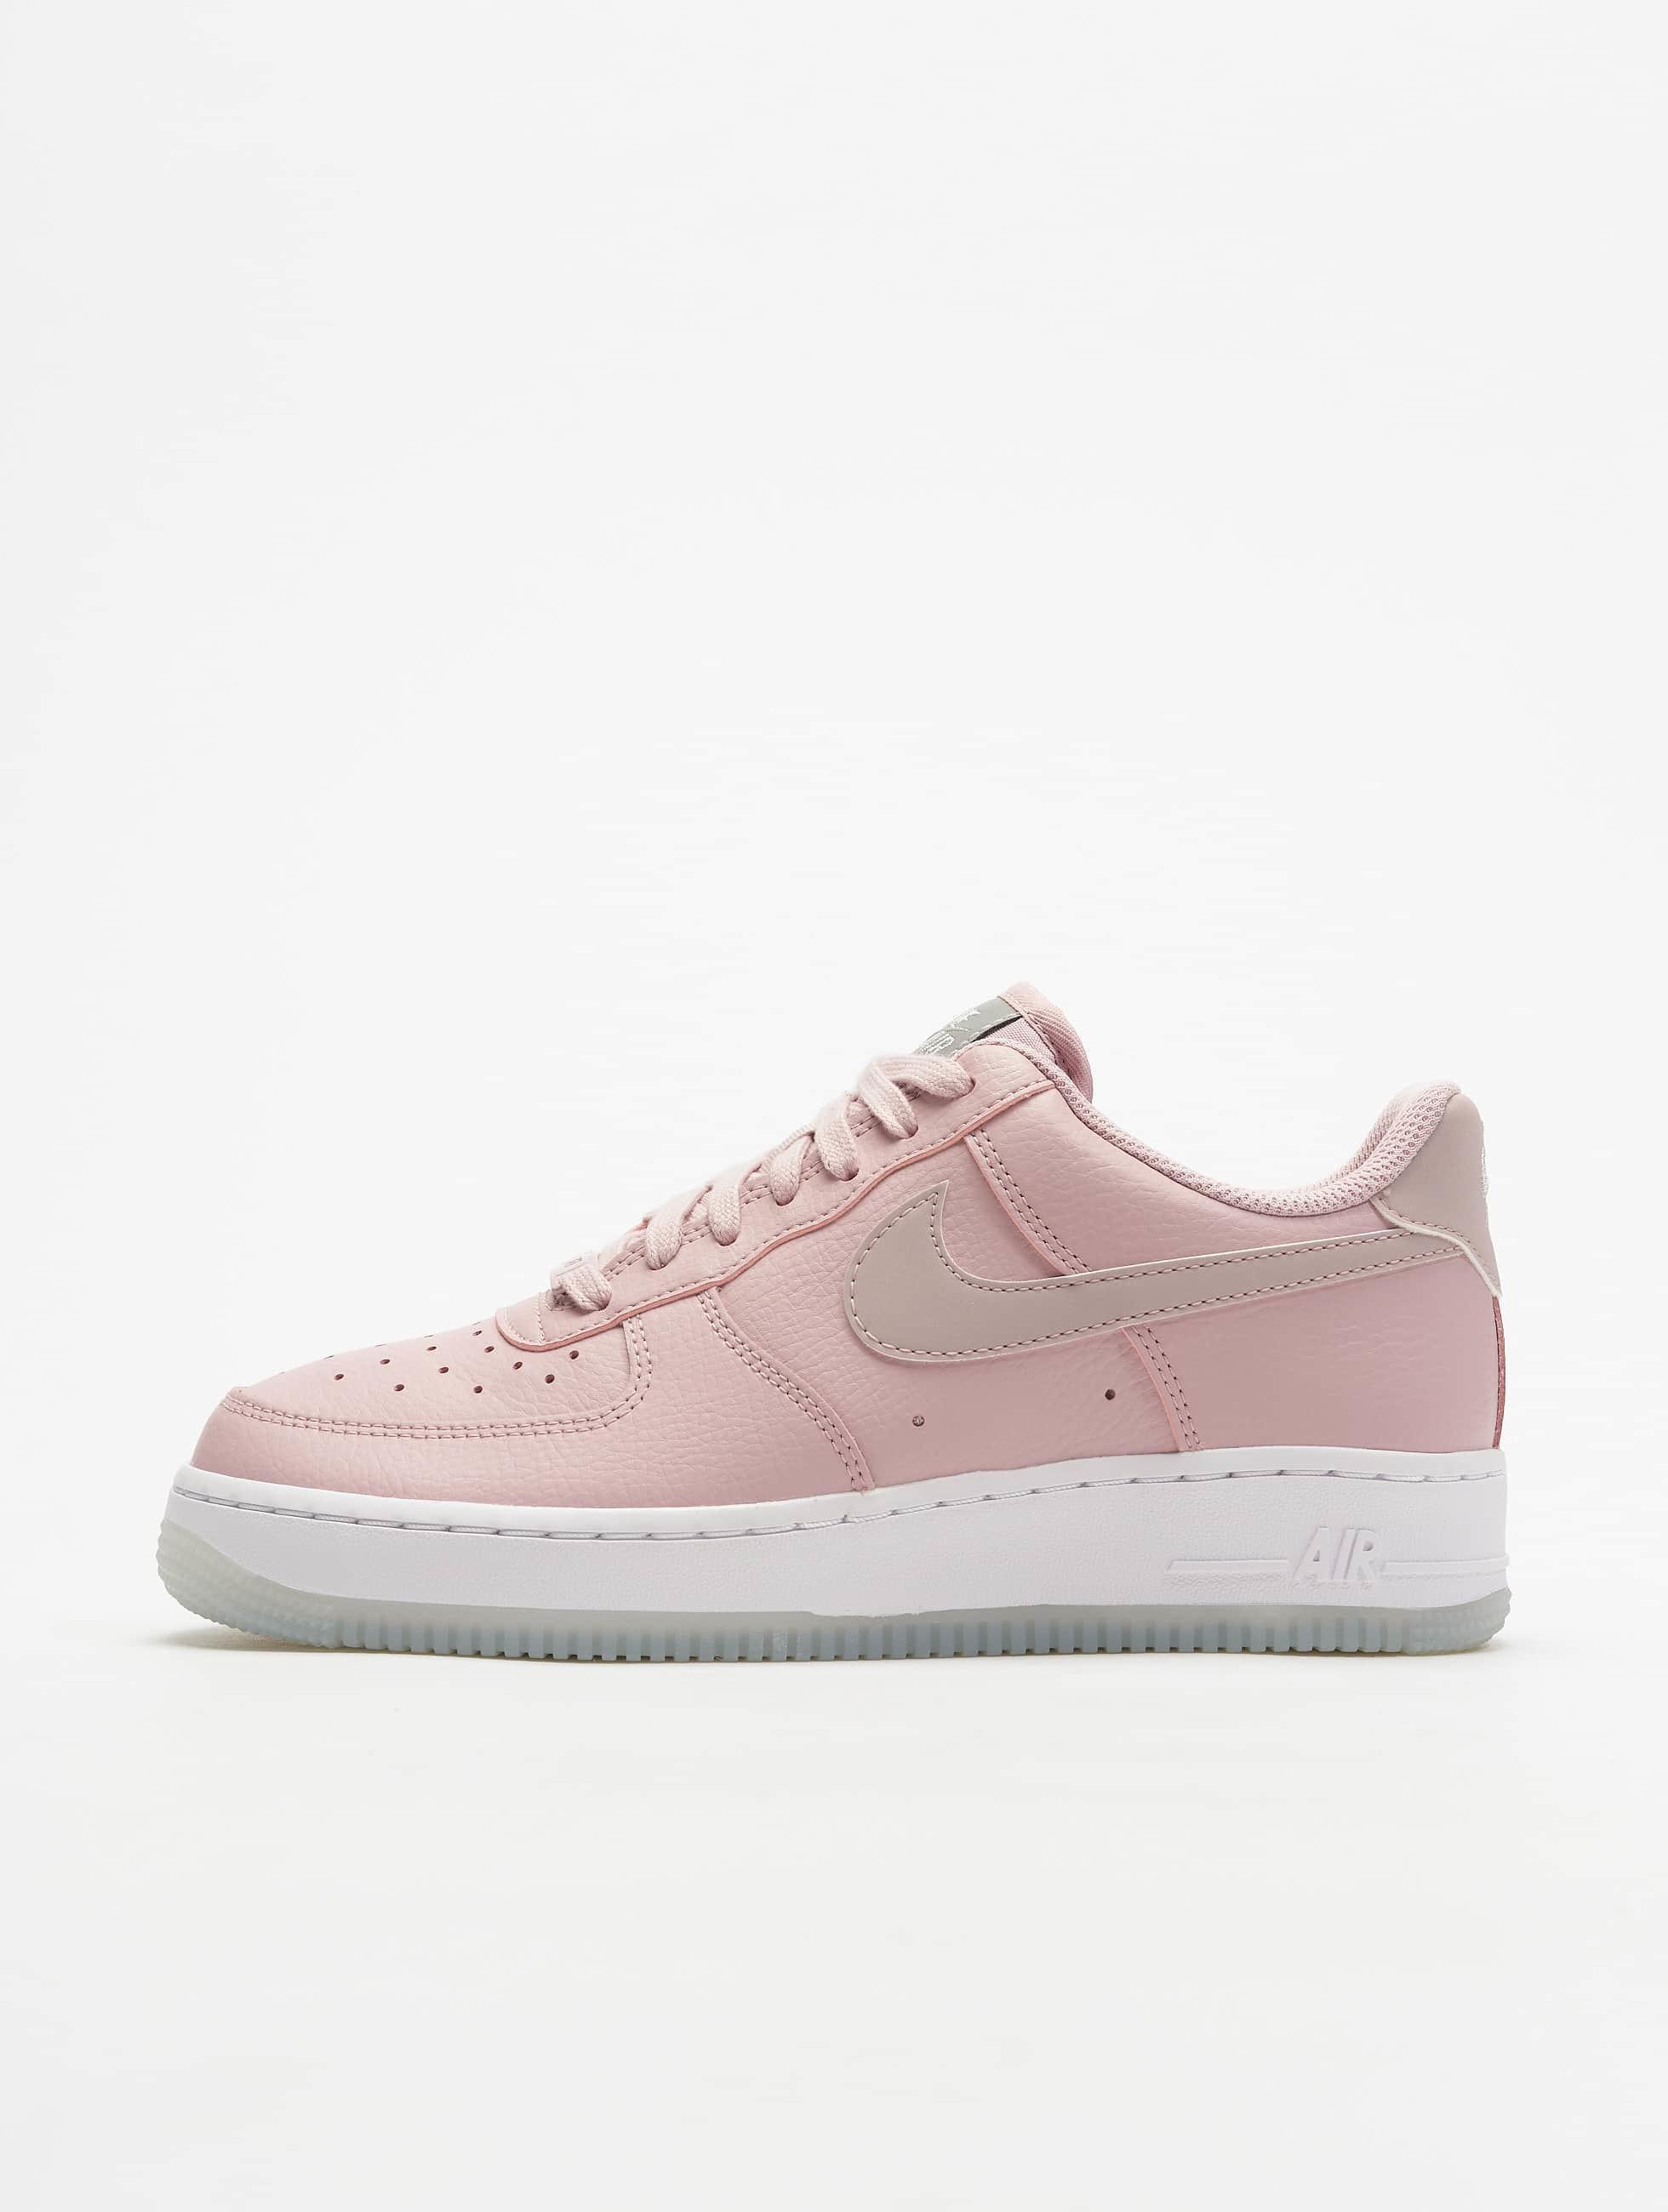 sehen verschiedenes Design neue hohe Qualität rosa nike